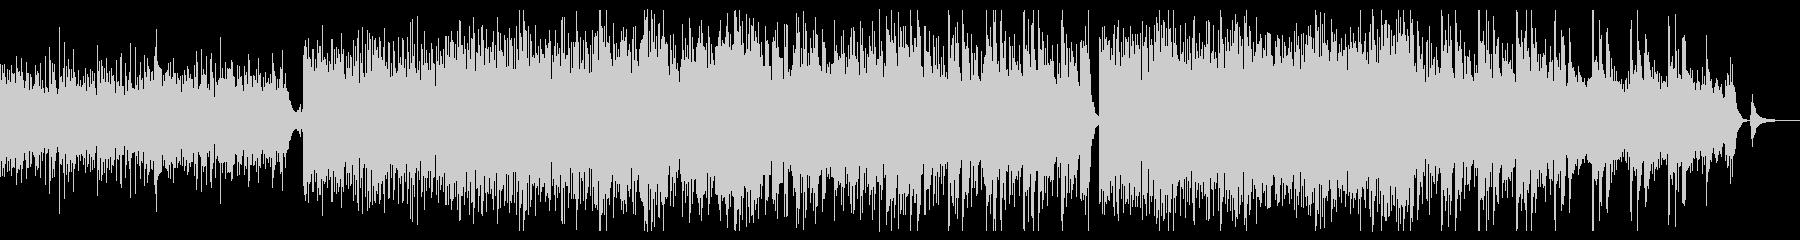 軽快で明るい四つ打ち曲の未再生の波形